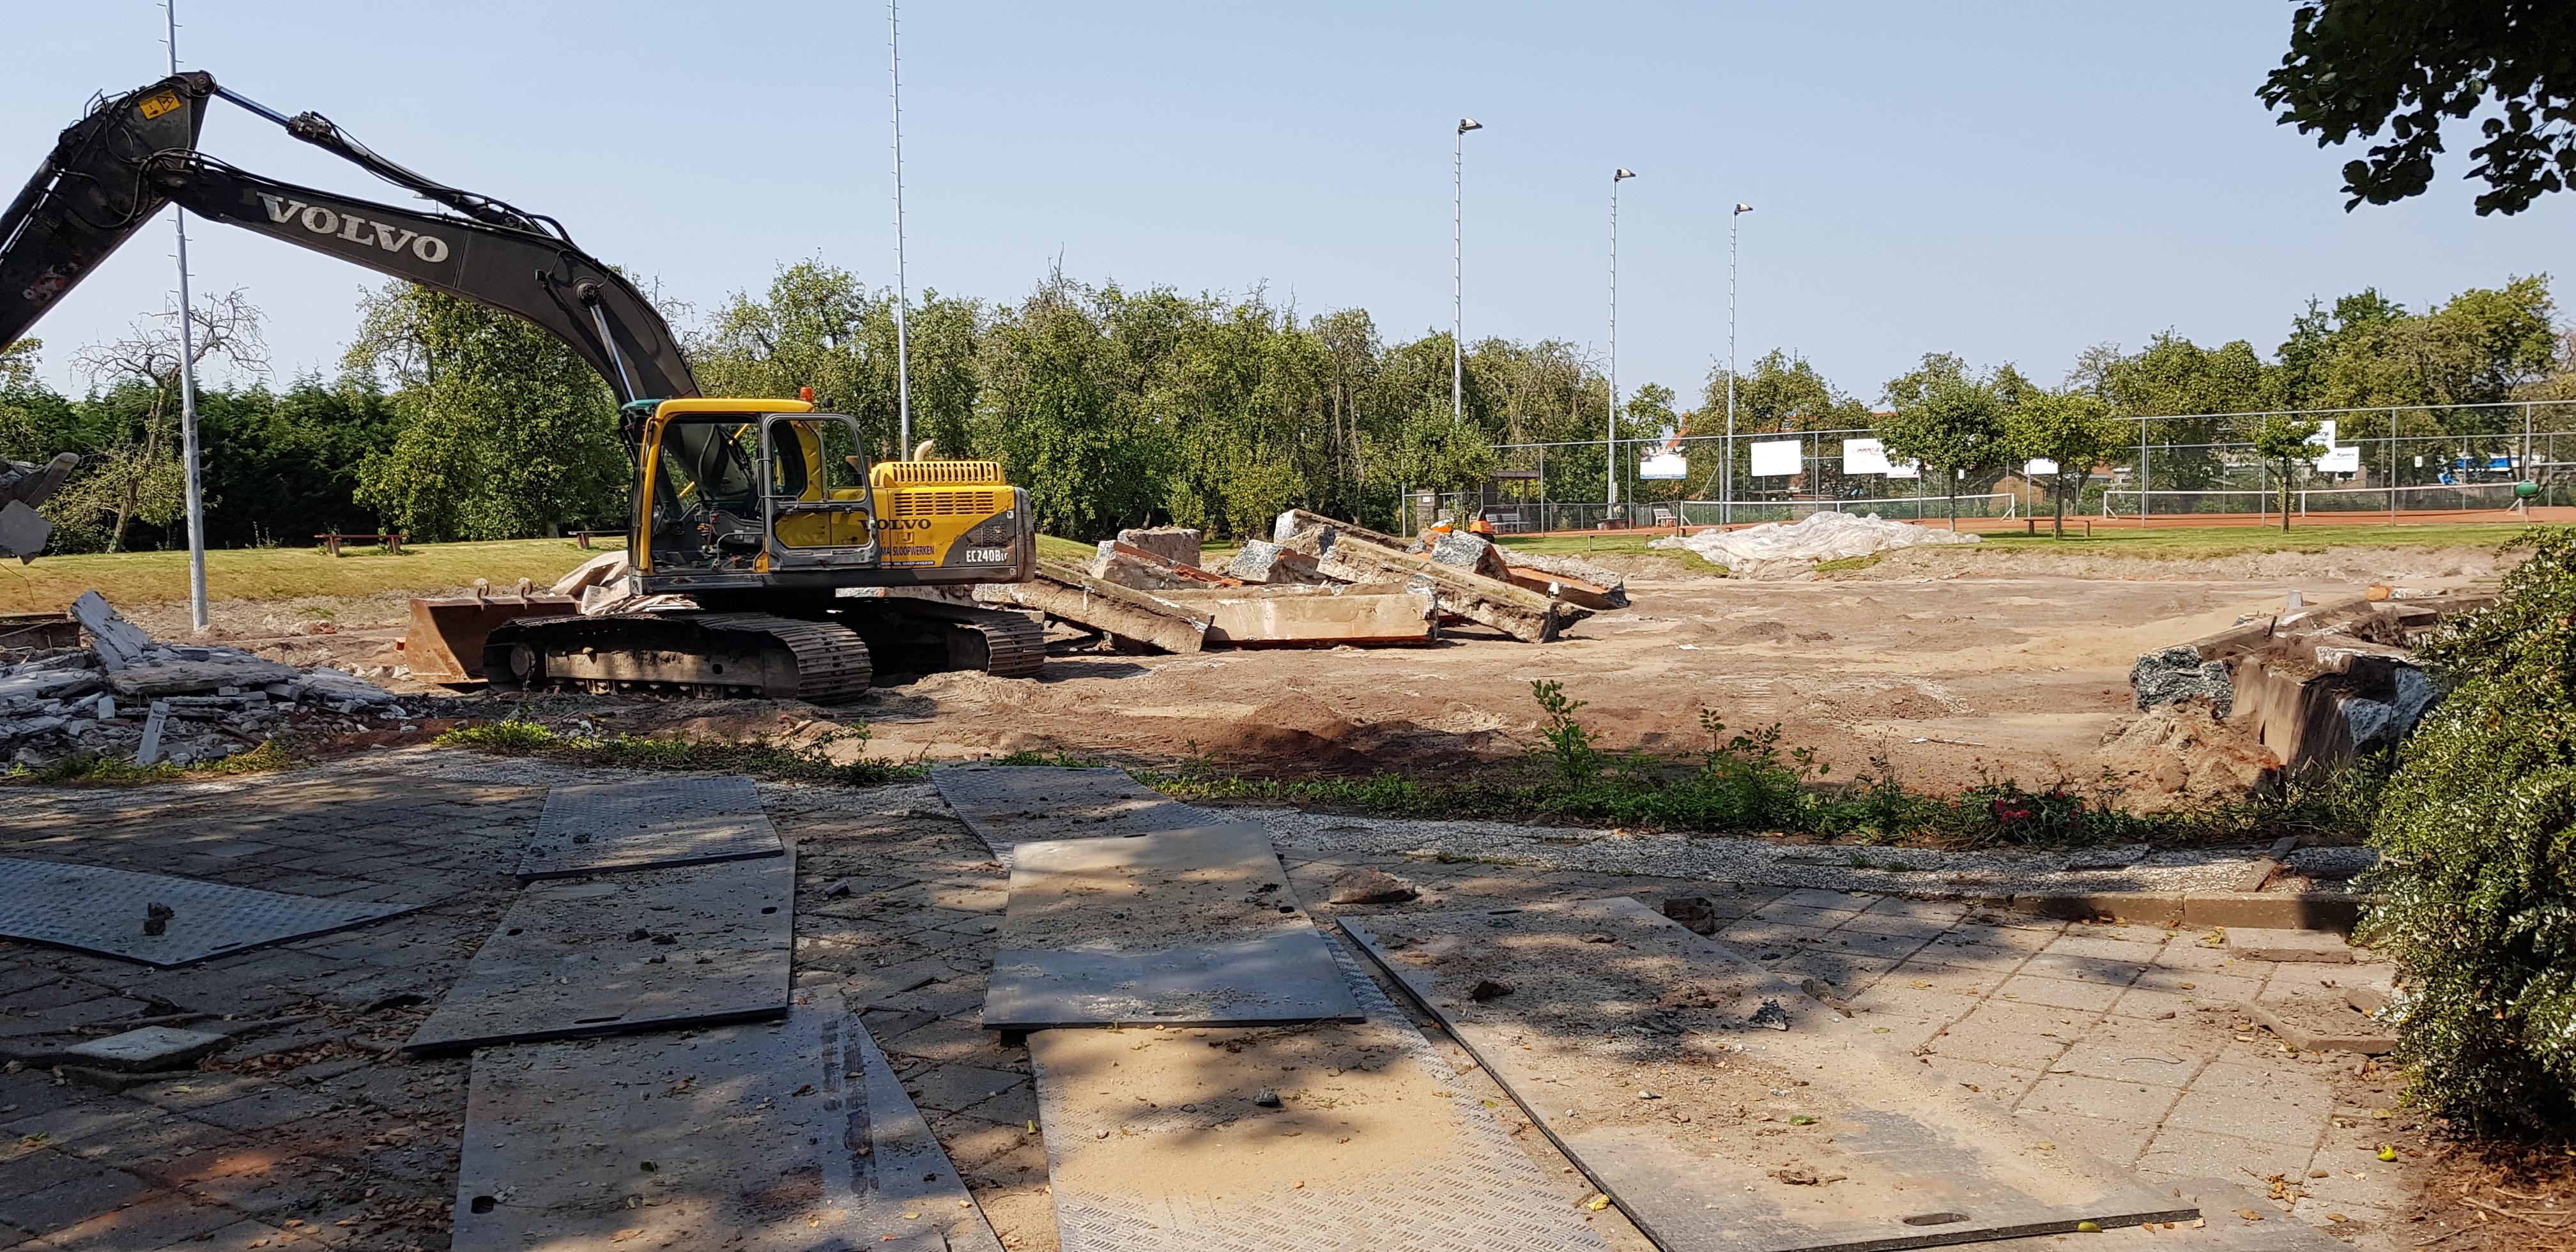 Ook hier weer betonnen fundamenten die weggehaald moeten worden